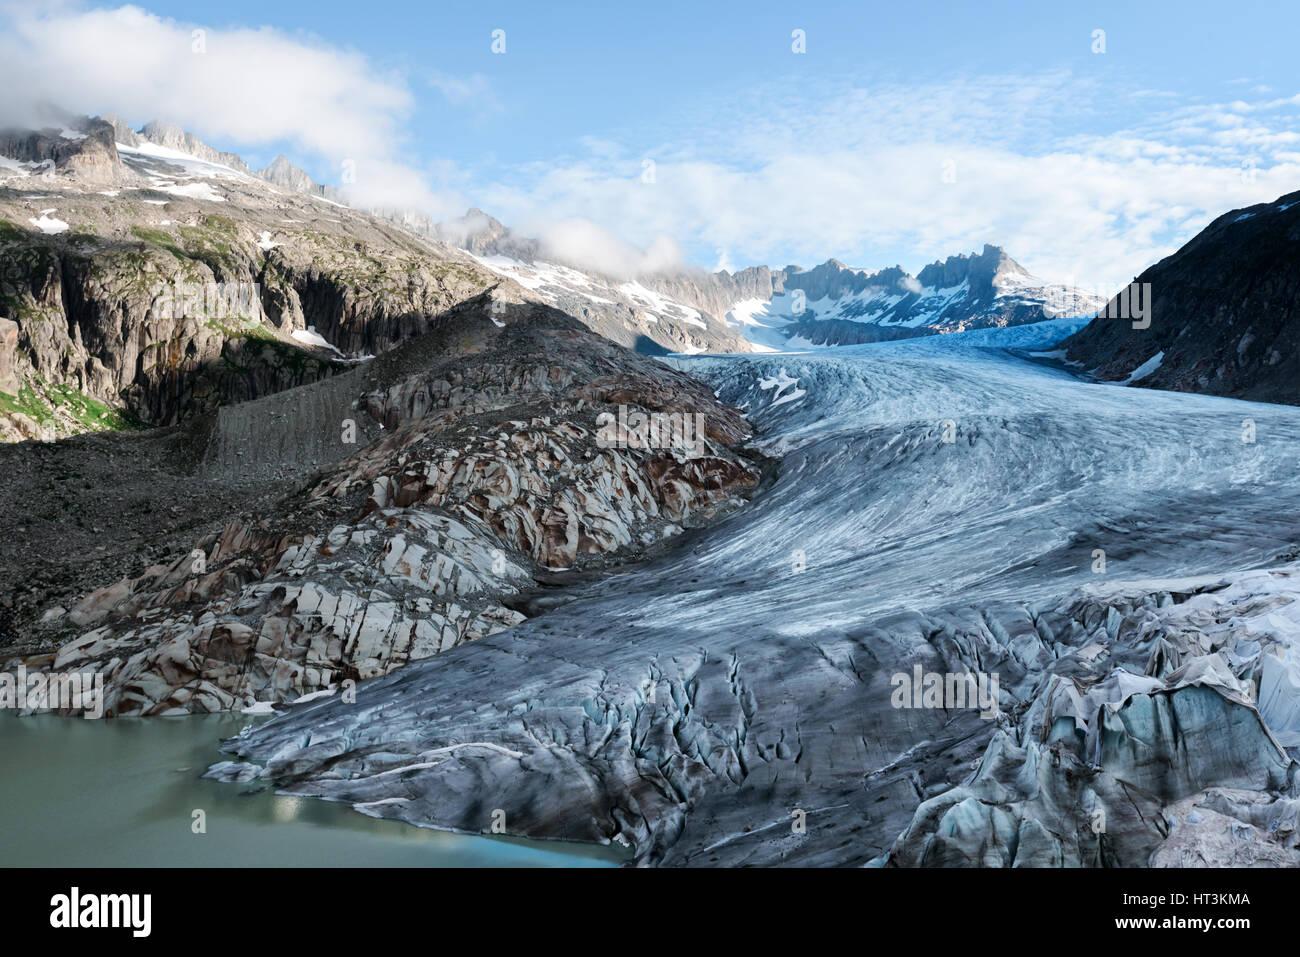 Ghiacciaio del Rodano nelle Alpi Svizzere nel giorno d'estate. La Svizzera e l'Europa. Immagini Stock